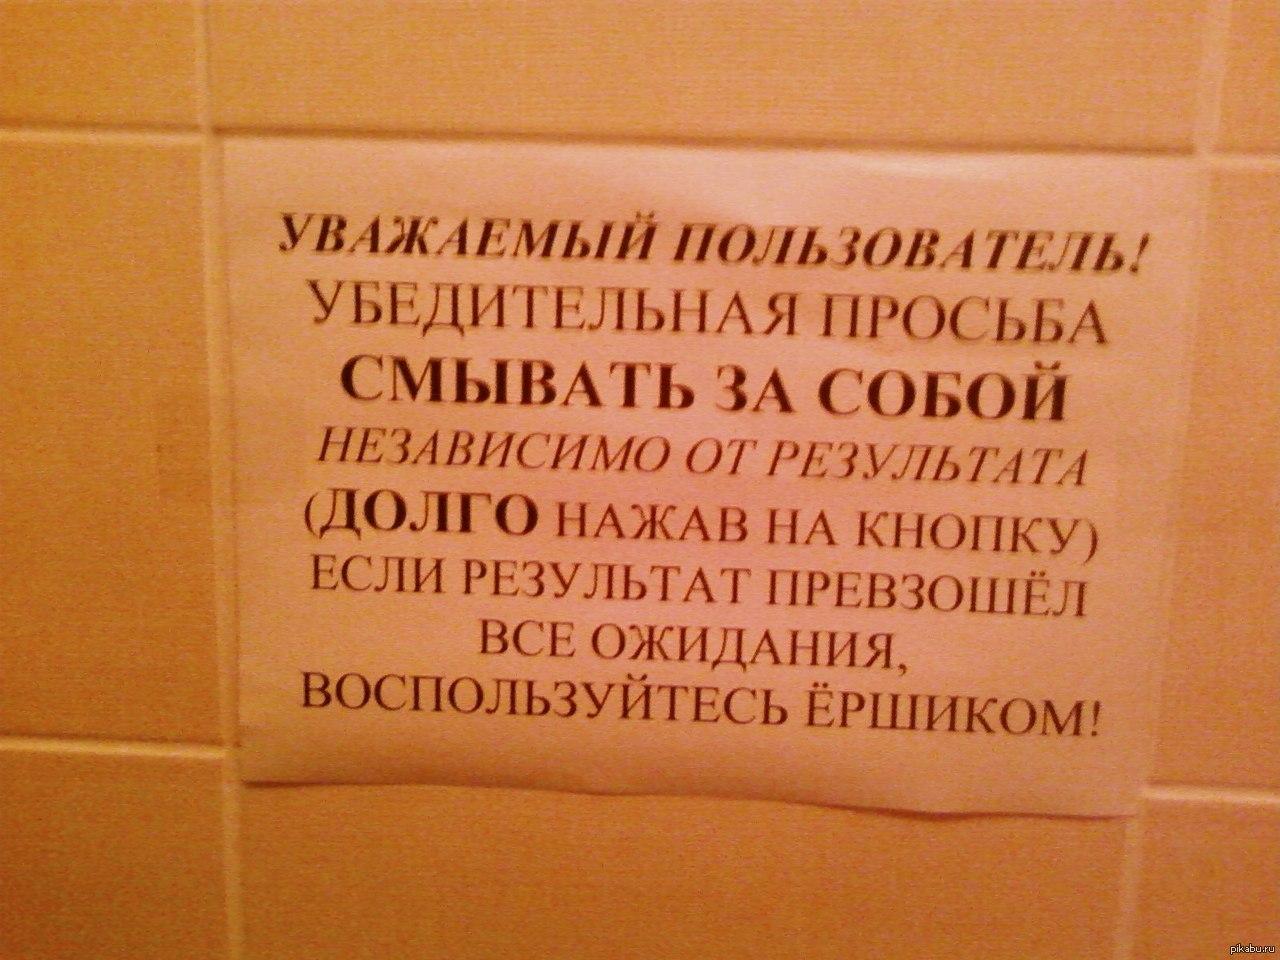 Картинка смывай за собой в туалете картинки